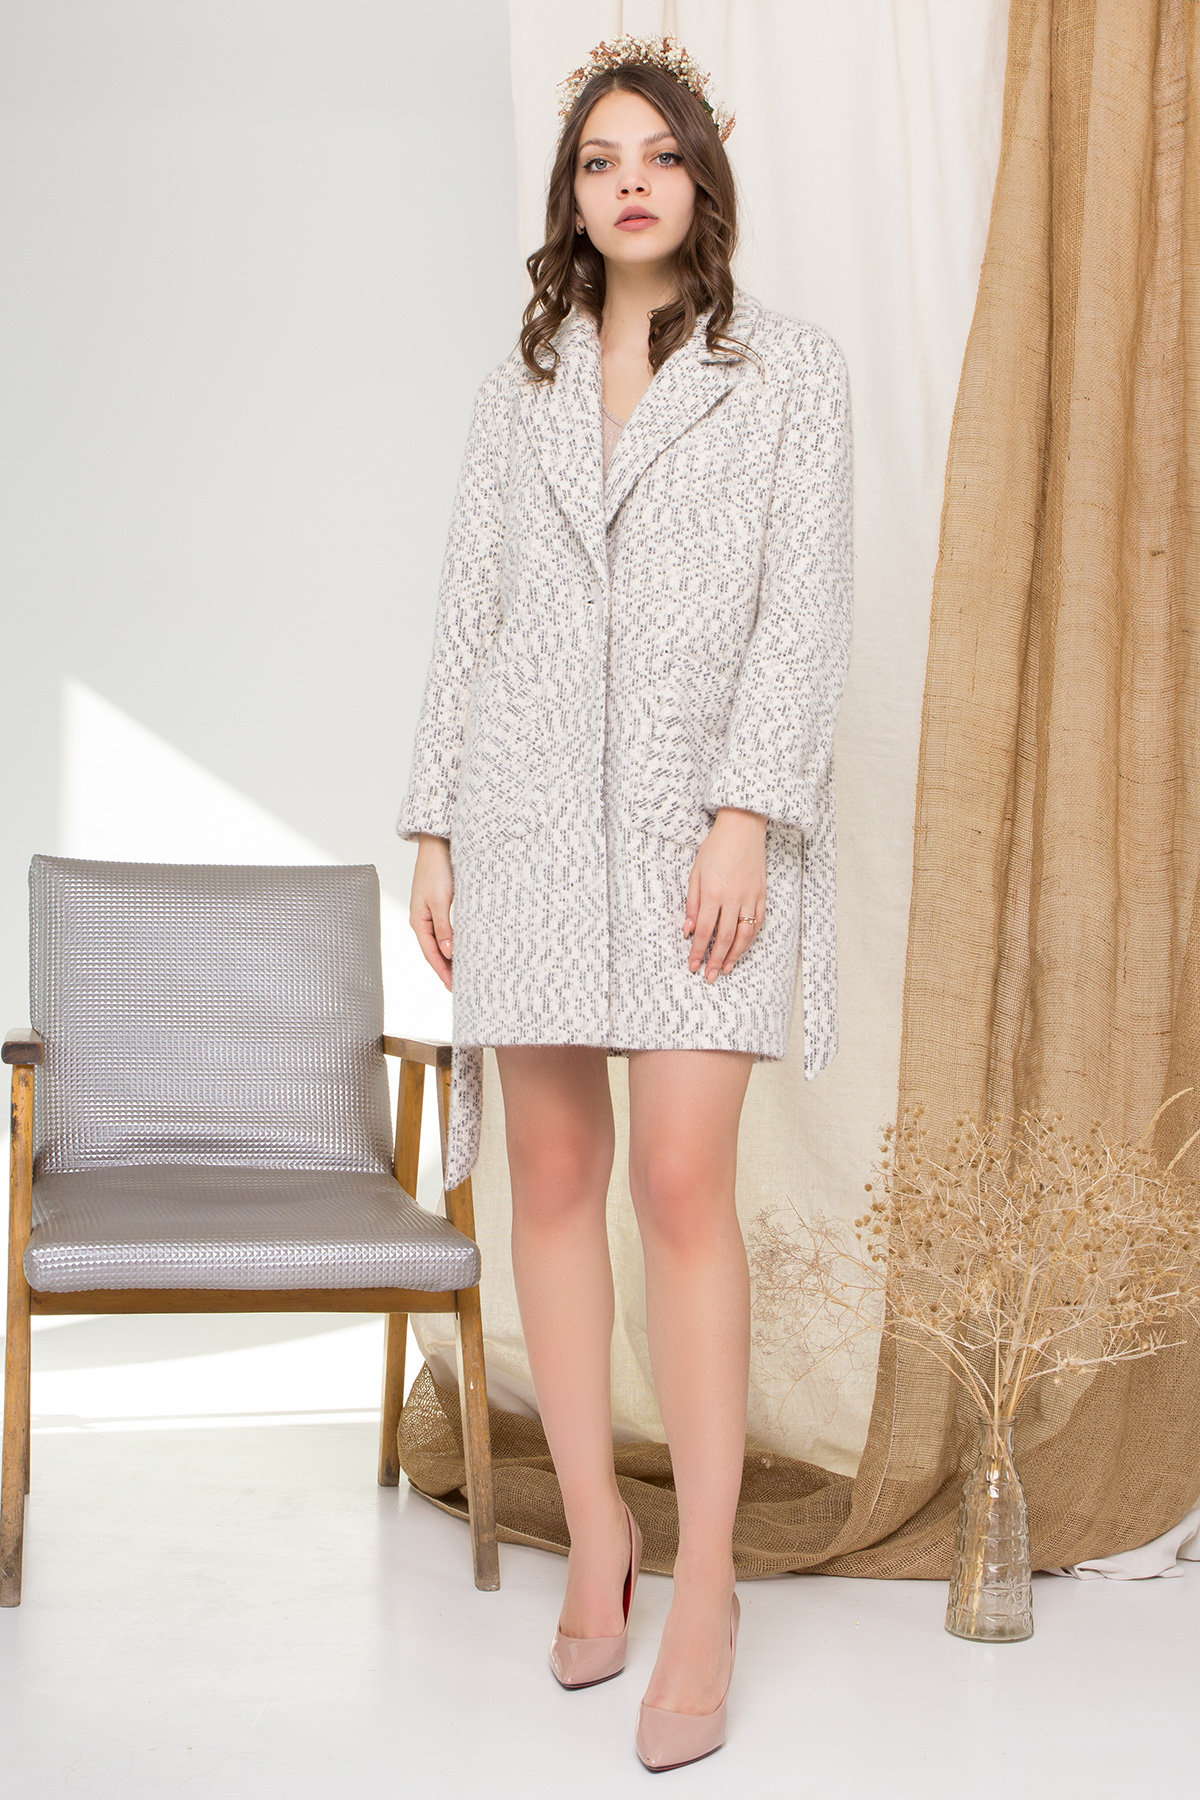 Пальто Живанши 9000 АРТ. 45308 Цвет: Рябь Беж/молоко/серый - фото 1, интернет магазин tm-modus.ru